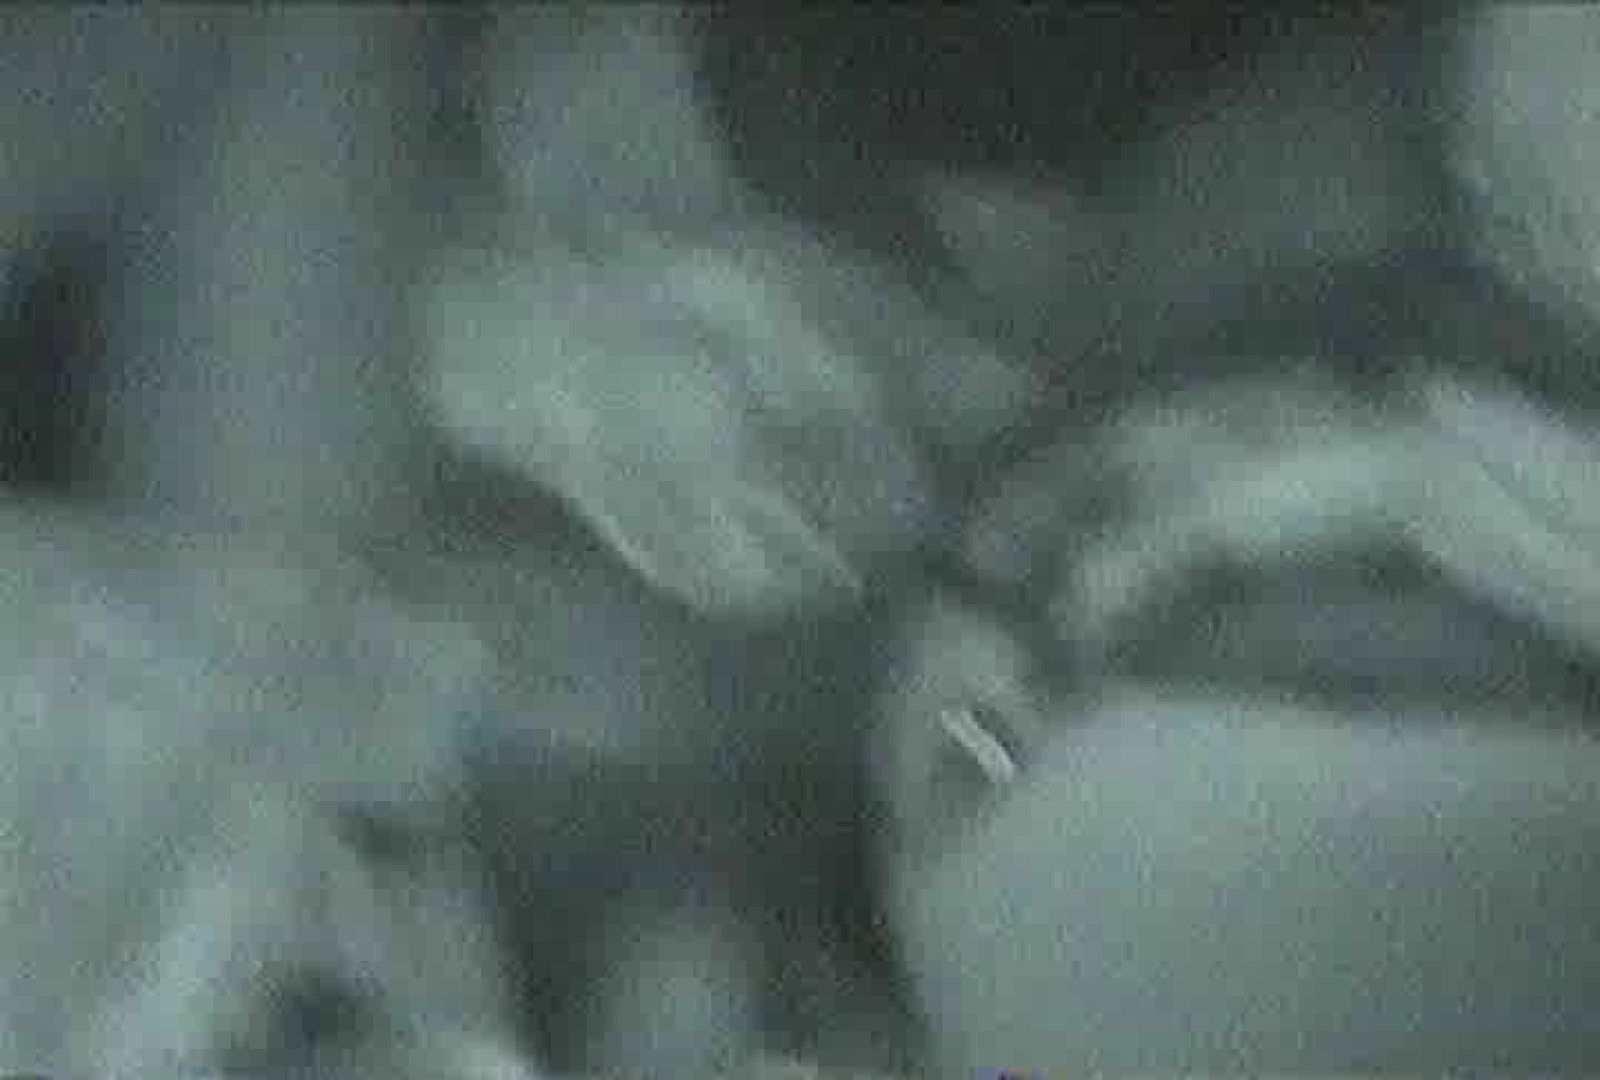 充血監督の深夜の運動会Vol.85 エッチなセックス | 車の中のカップル  100画像 100